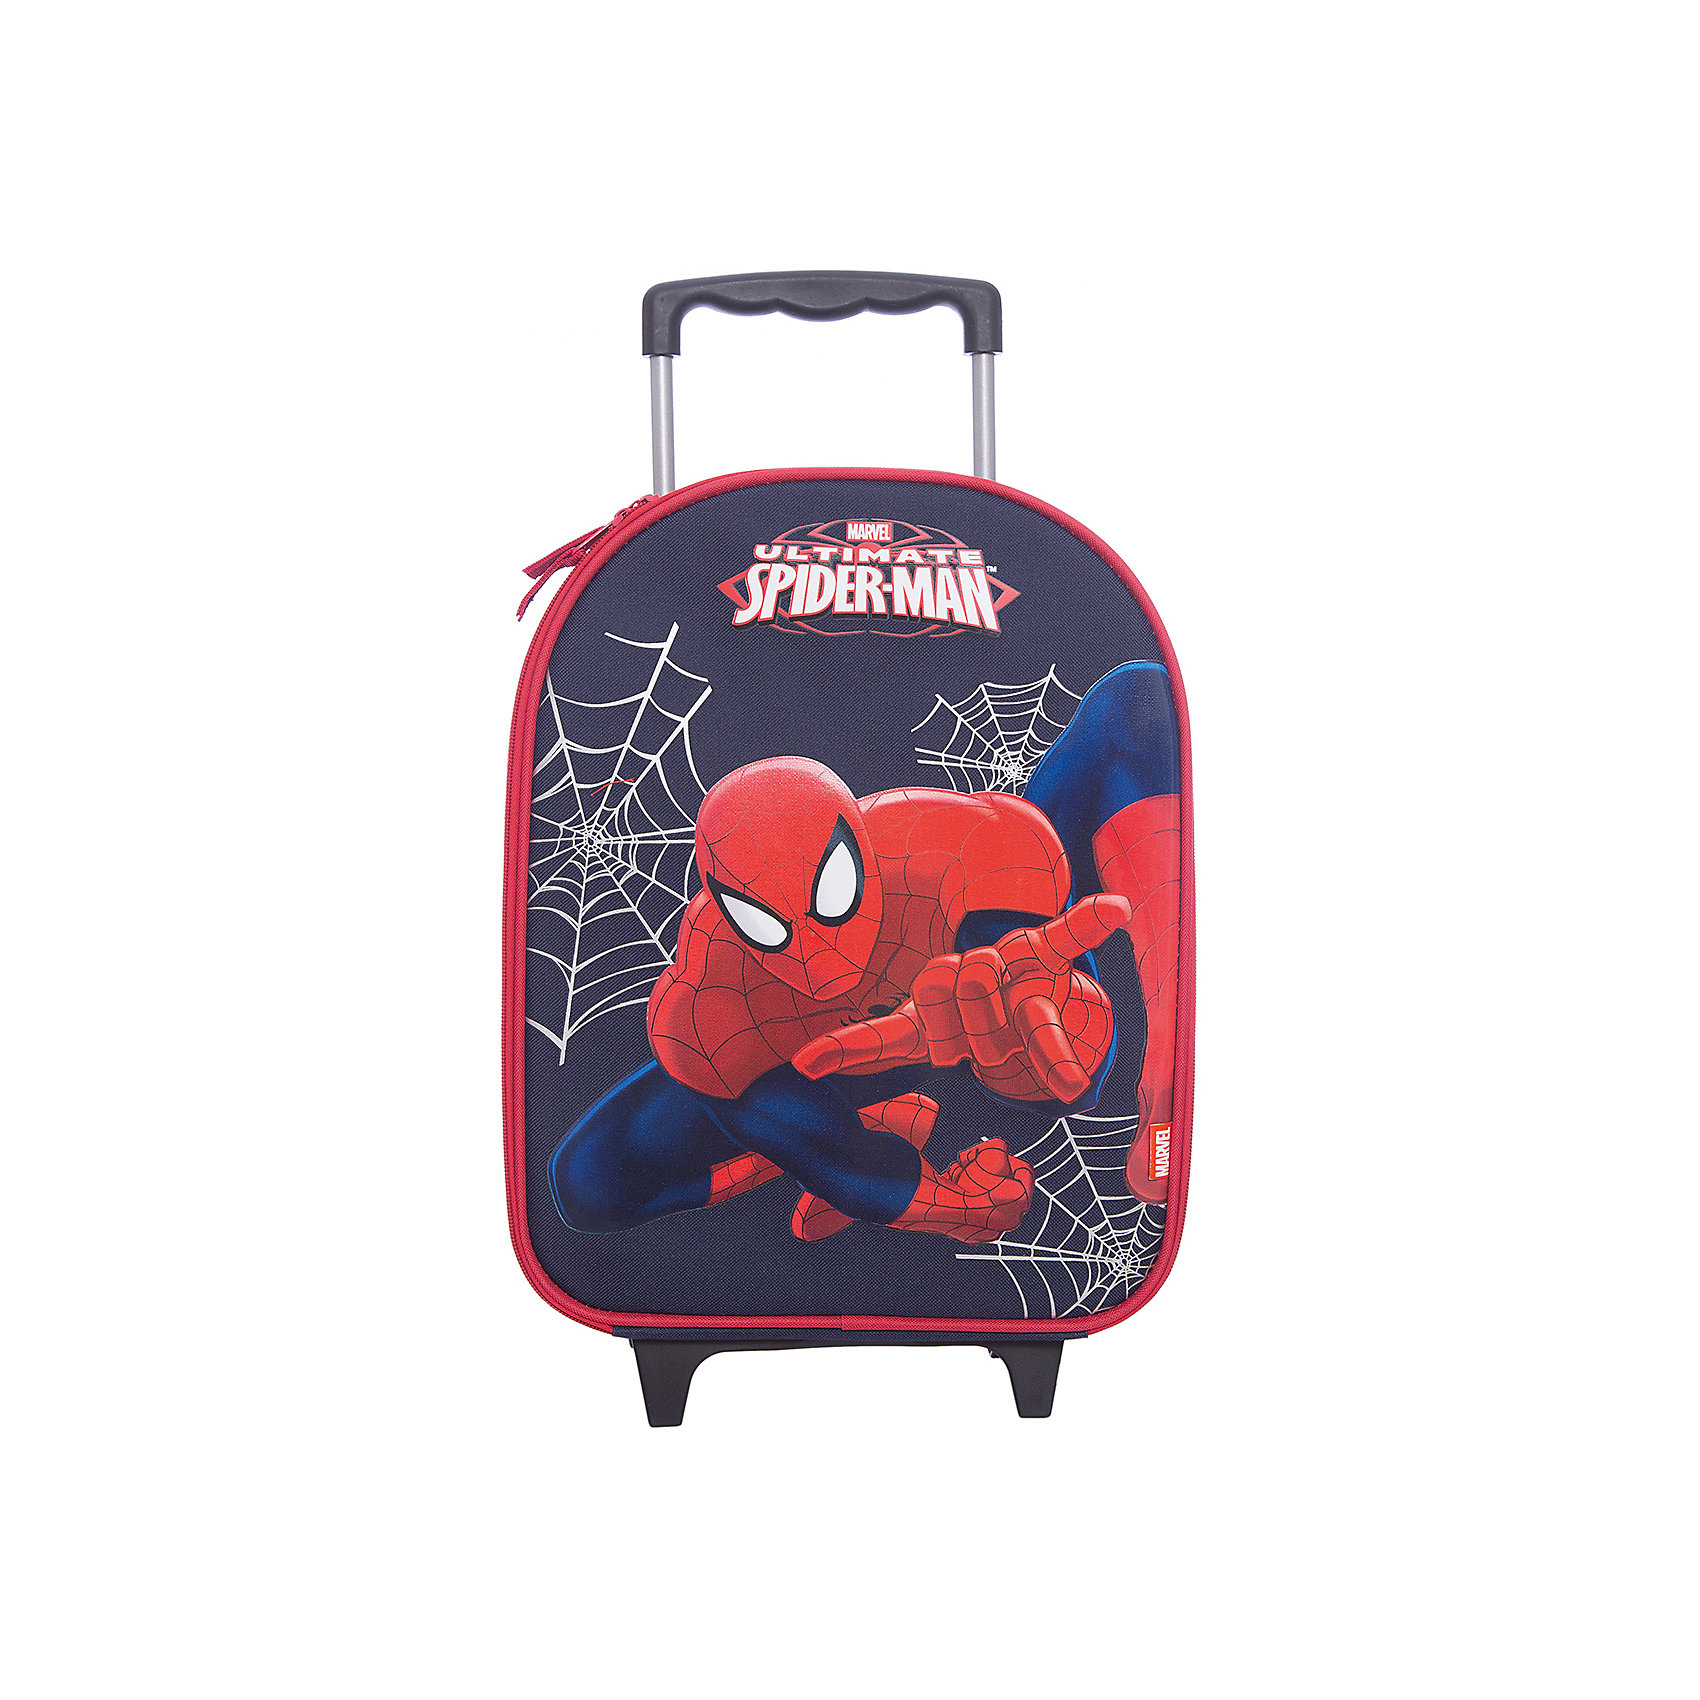 Чемодан на роликах, Человек-ПаукЧемодан на роликах с изображением Человека-Паука сделает путешествие Вашего малыша захватывающим приключением!<br><br>Дополнительная информация:<br><br>Вес: 1100 г.<br>Размер: 38х30х15 см.<br>Spider-man<br><br>Наслаждайтесь отдыхом!<br><br>Ширина мм: 380<br>Глубина мм: 300<br>Высота мм: 150<br>Вес г: 1100<br>Возраст от месяцев: 48<br>Возраст до месяцев: 84<br>Пол: Мужской<br>Возраст: Детский<br>SKU: 3291644